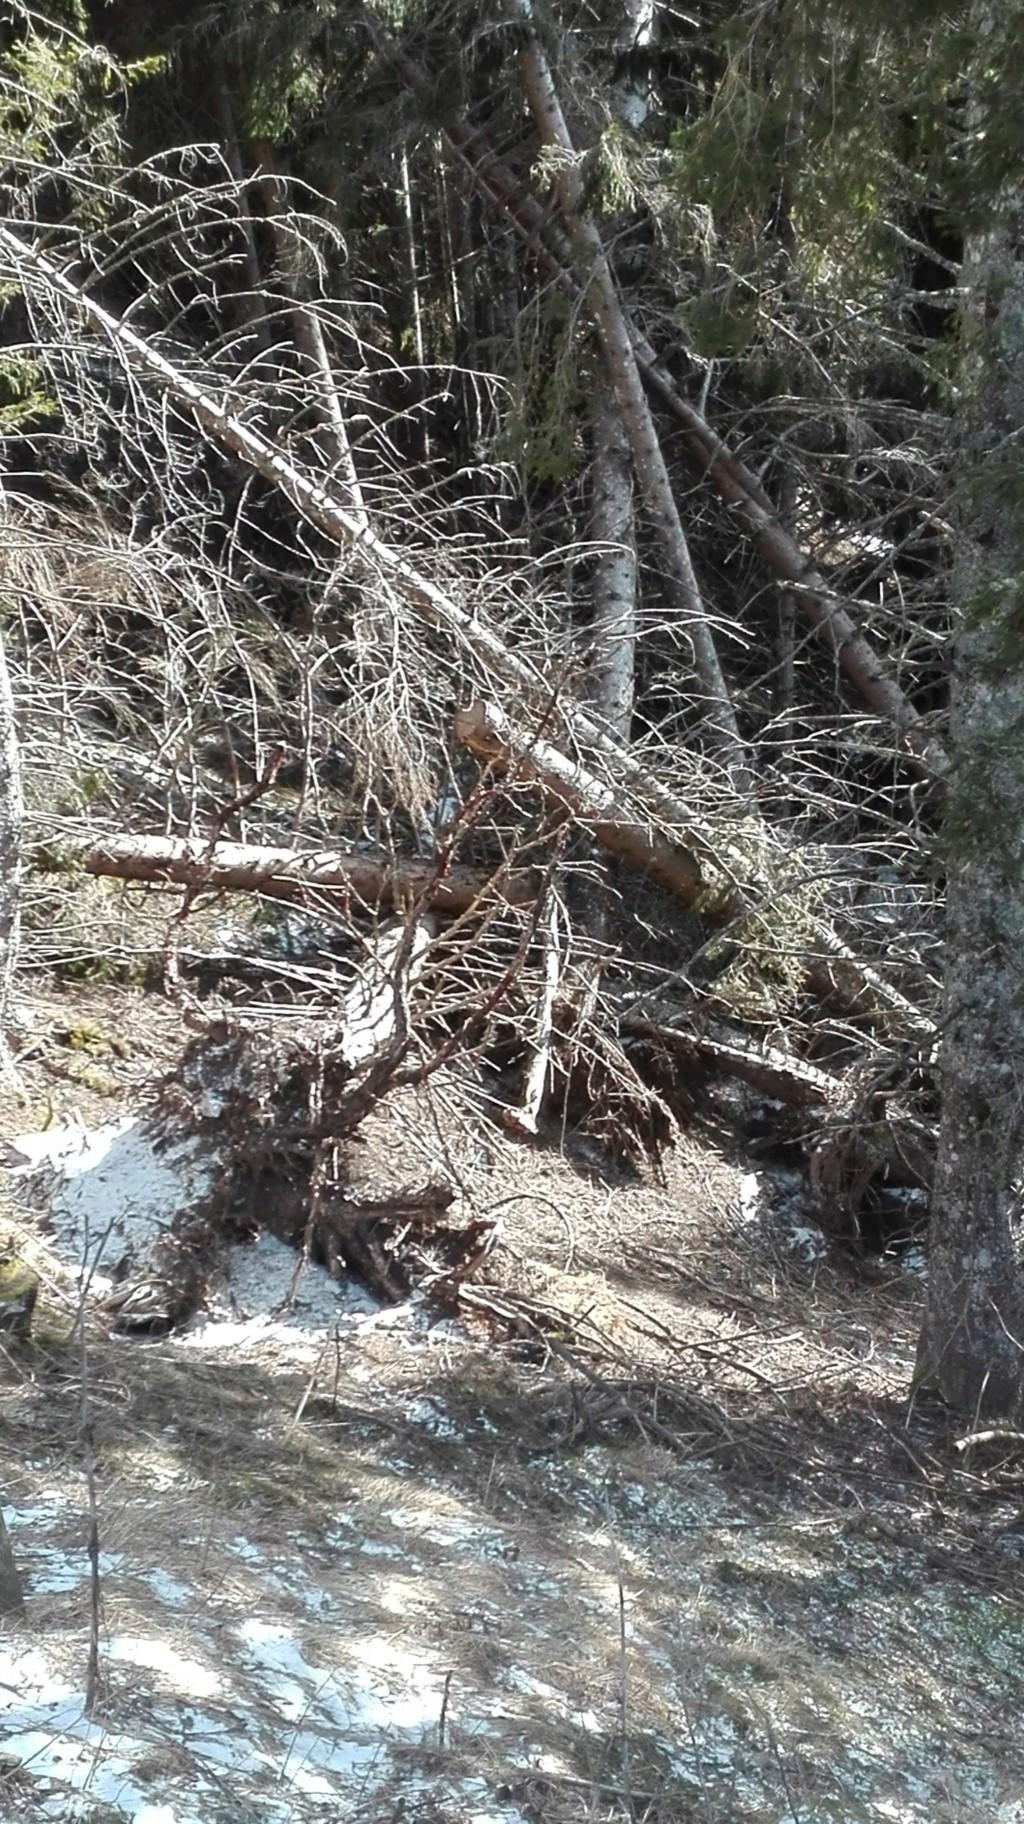 alberi abbattuti dai temporali - Pagina 2 Vaia_110